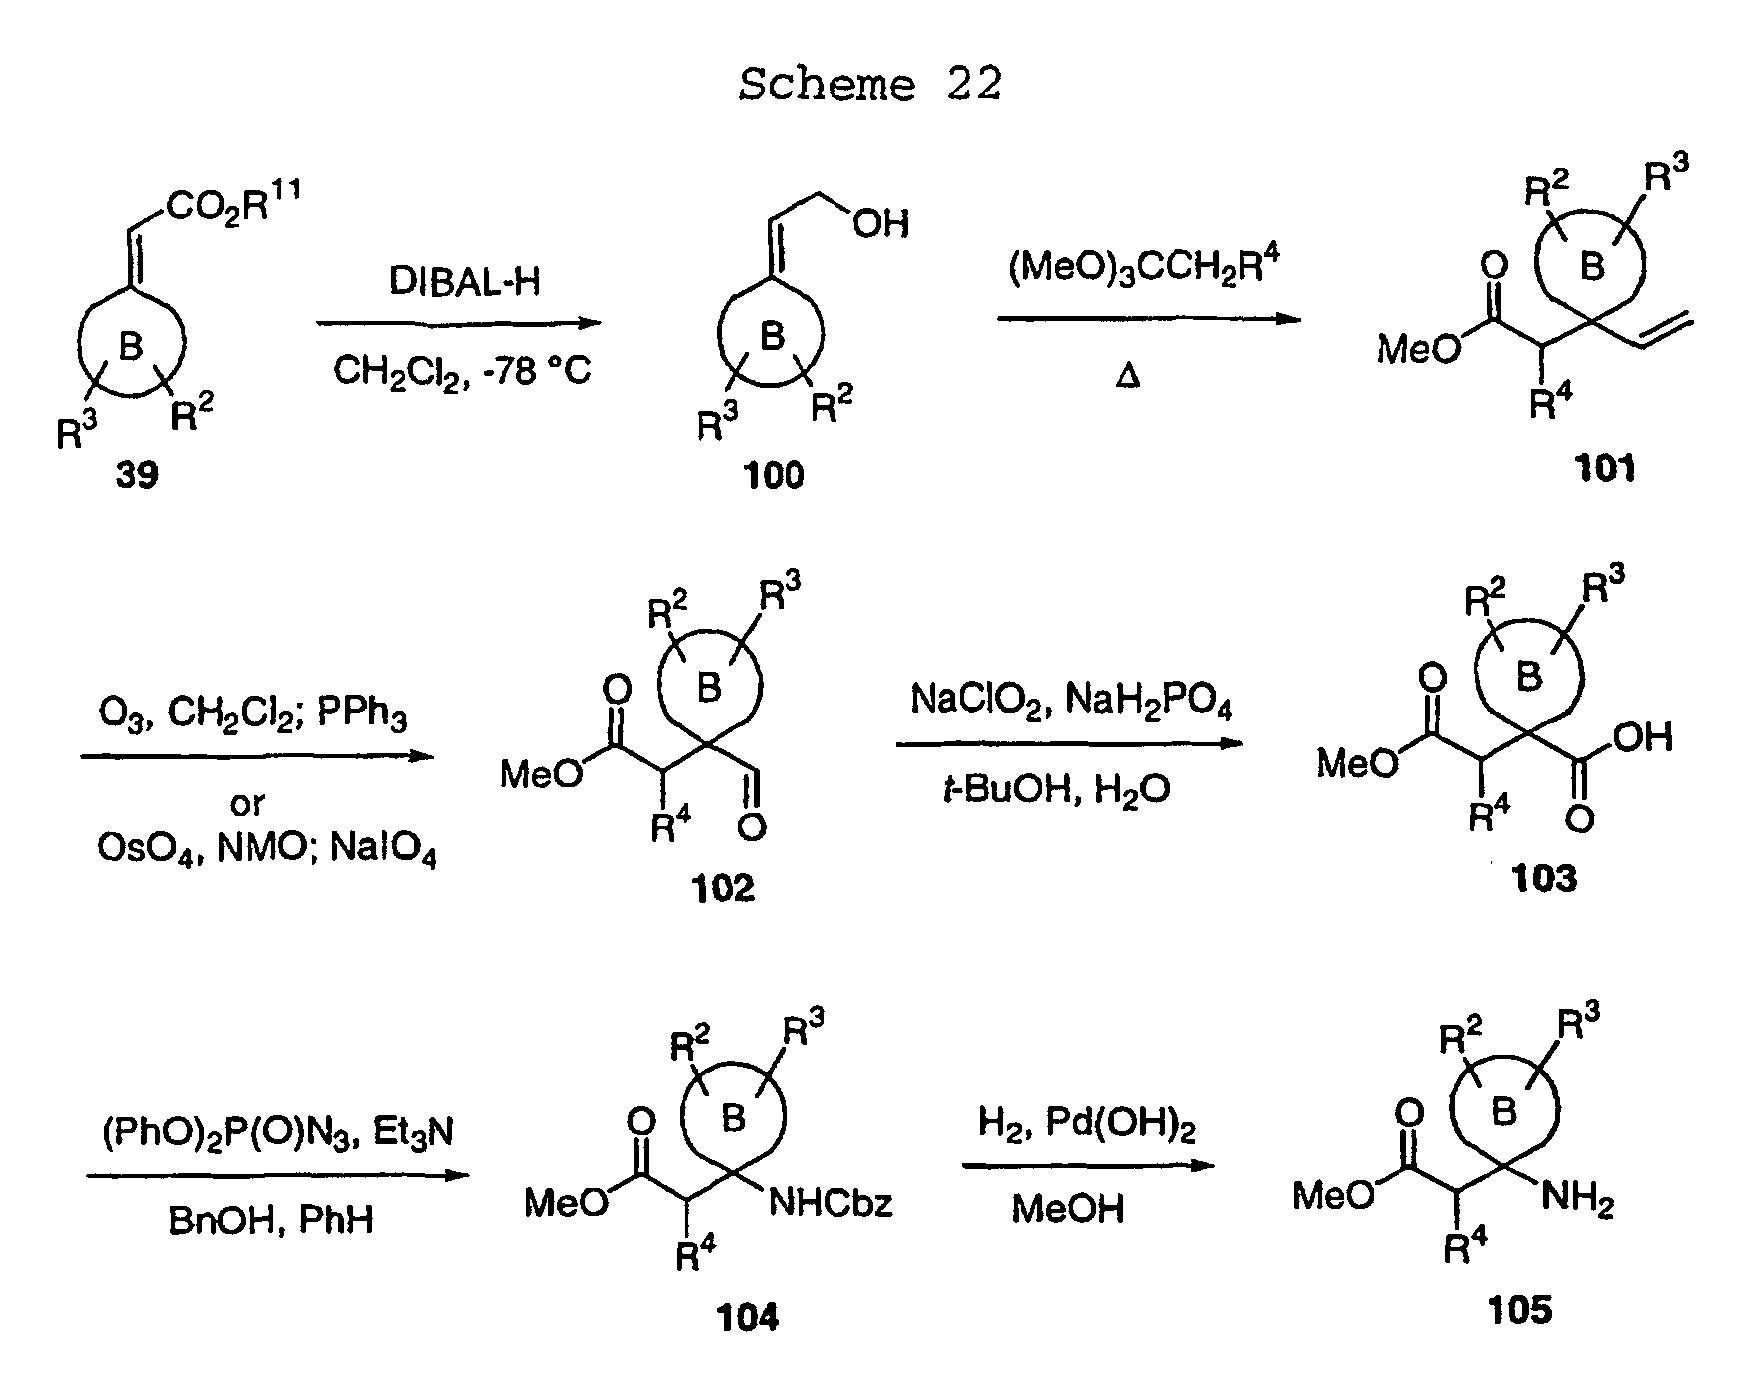 ring closing metathesis mechanism